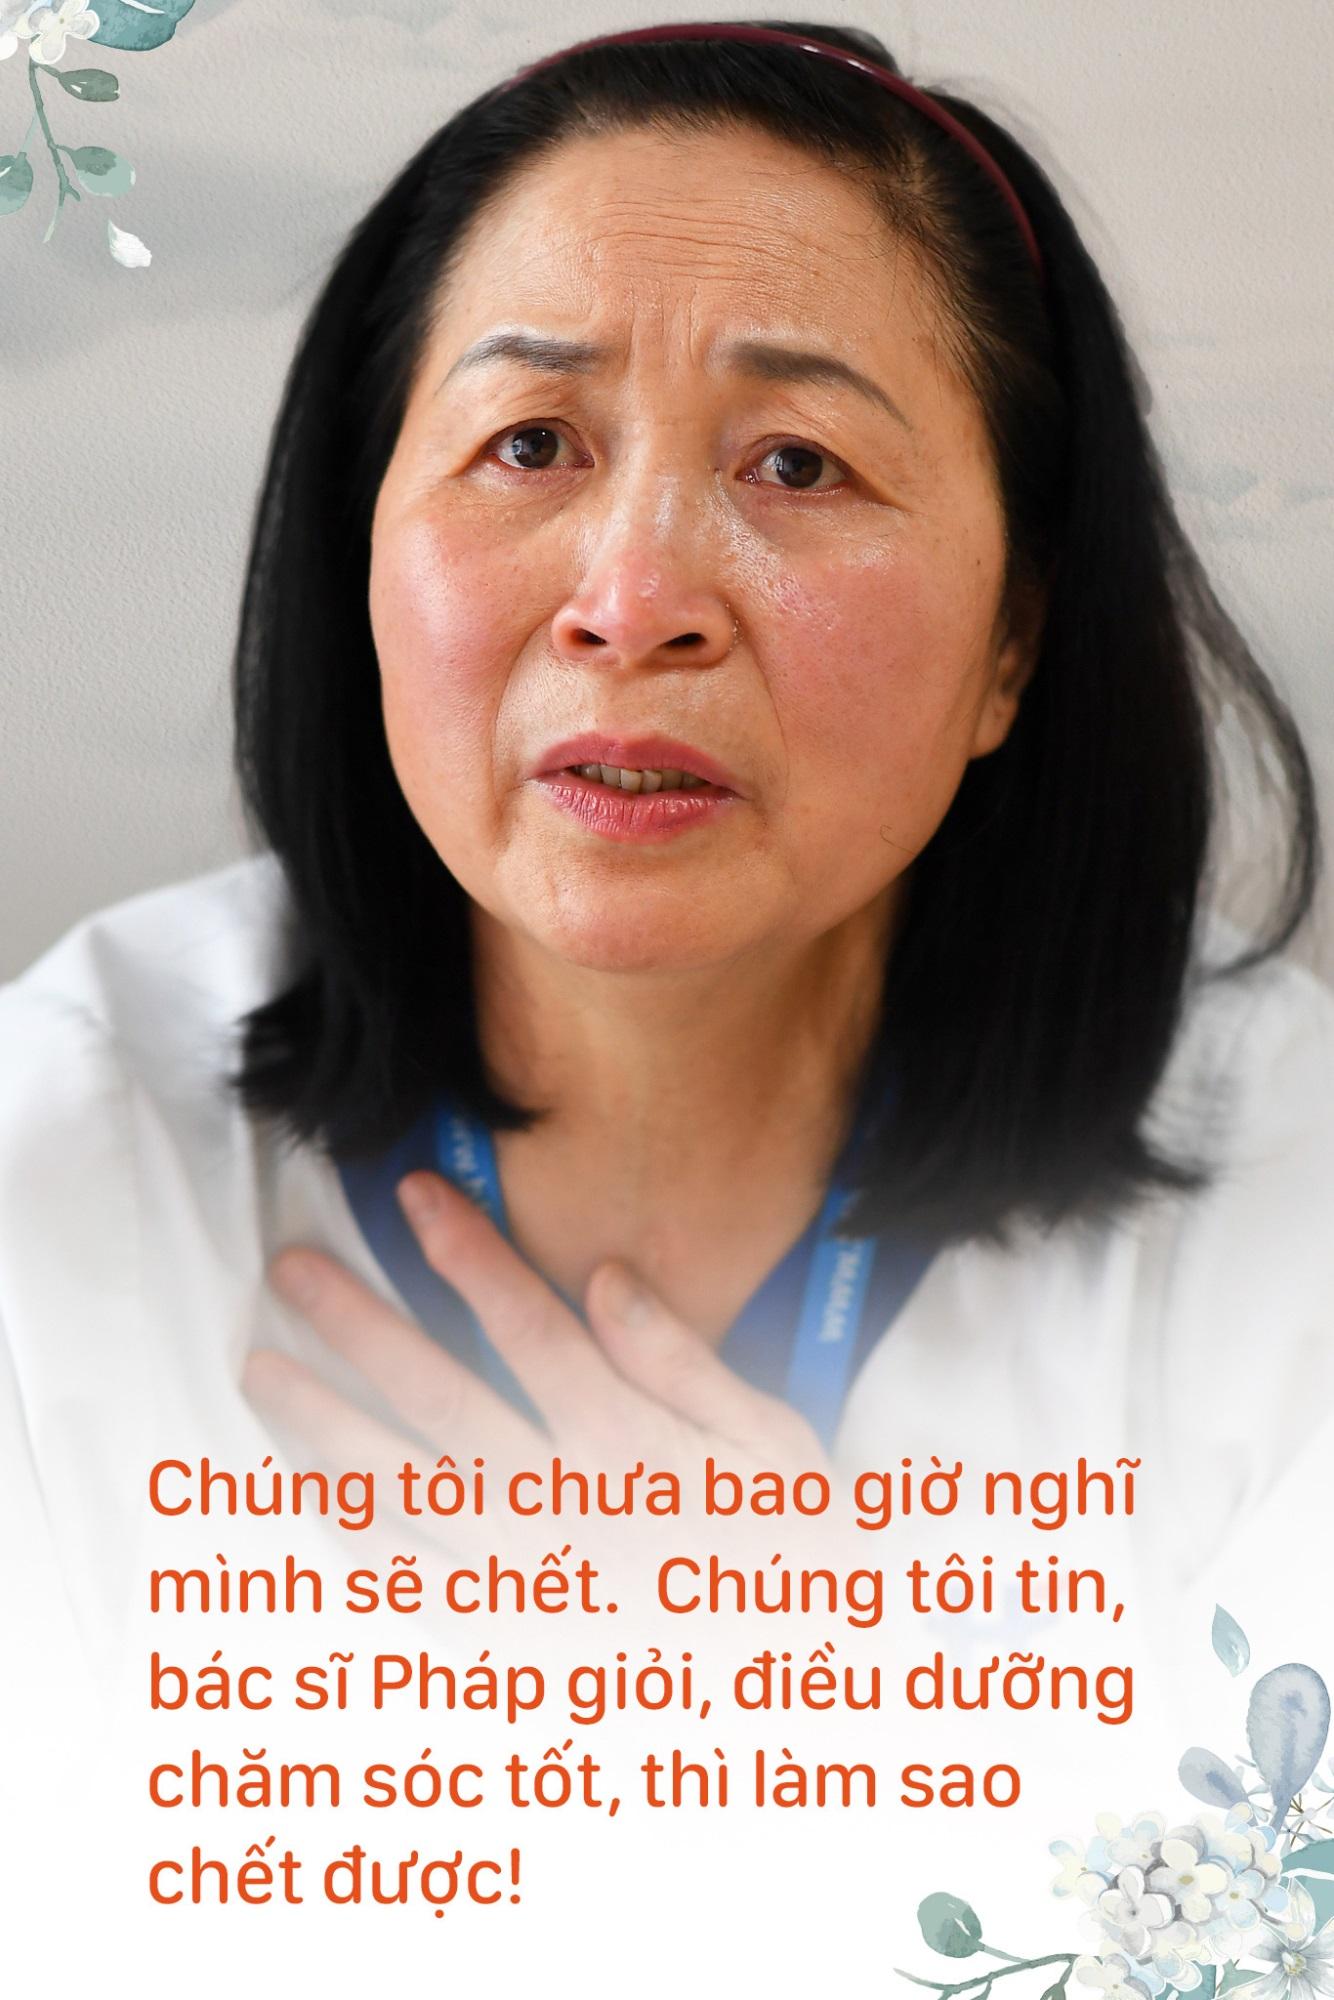 Nữ y tá Việt Nam sống sót kỳ diệu và hành trình chạm mặt tử thần corona chủng cũ - Ảnh 5